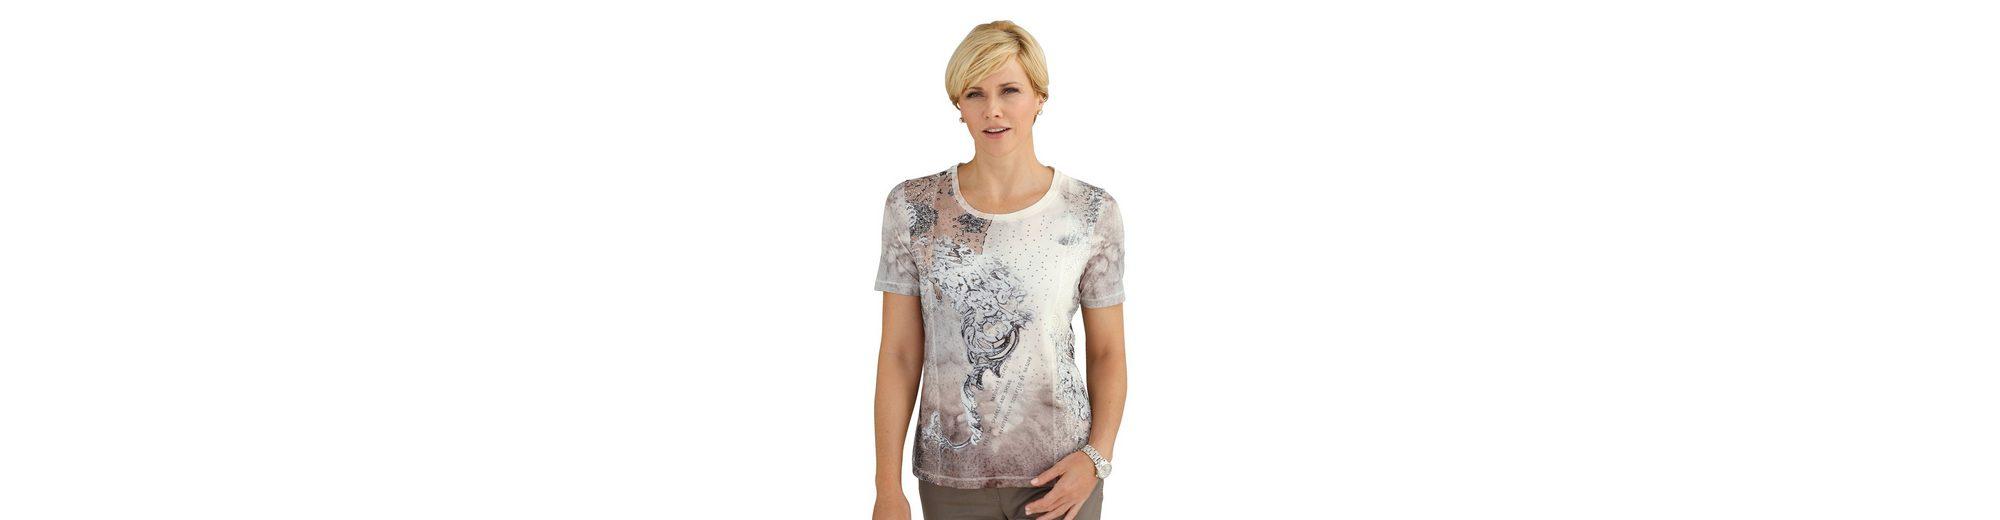 Authentisch Günstiger Preis Günstig Kaufen Spielraum Store Mona Shirt mit aufwändigem Druckmix Online-Shopping Mit Mastercard Qualitativ Hochwertige Online JImyVN